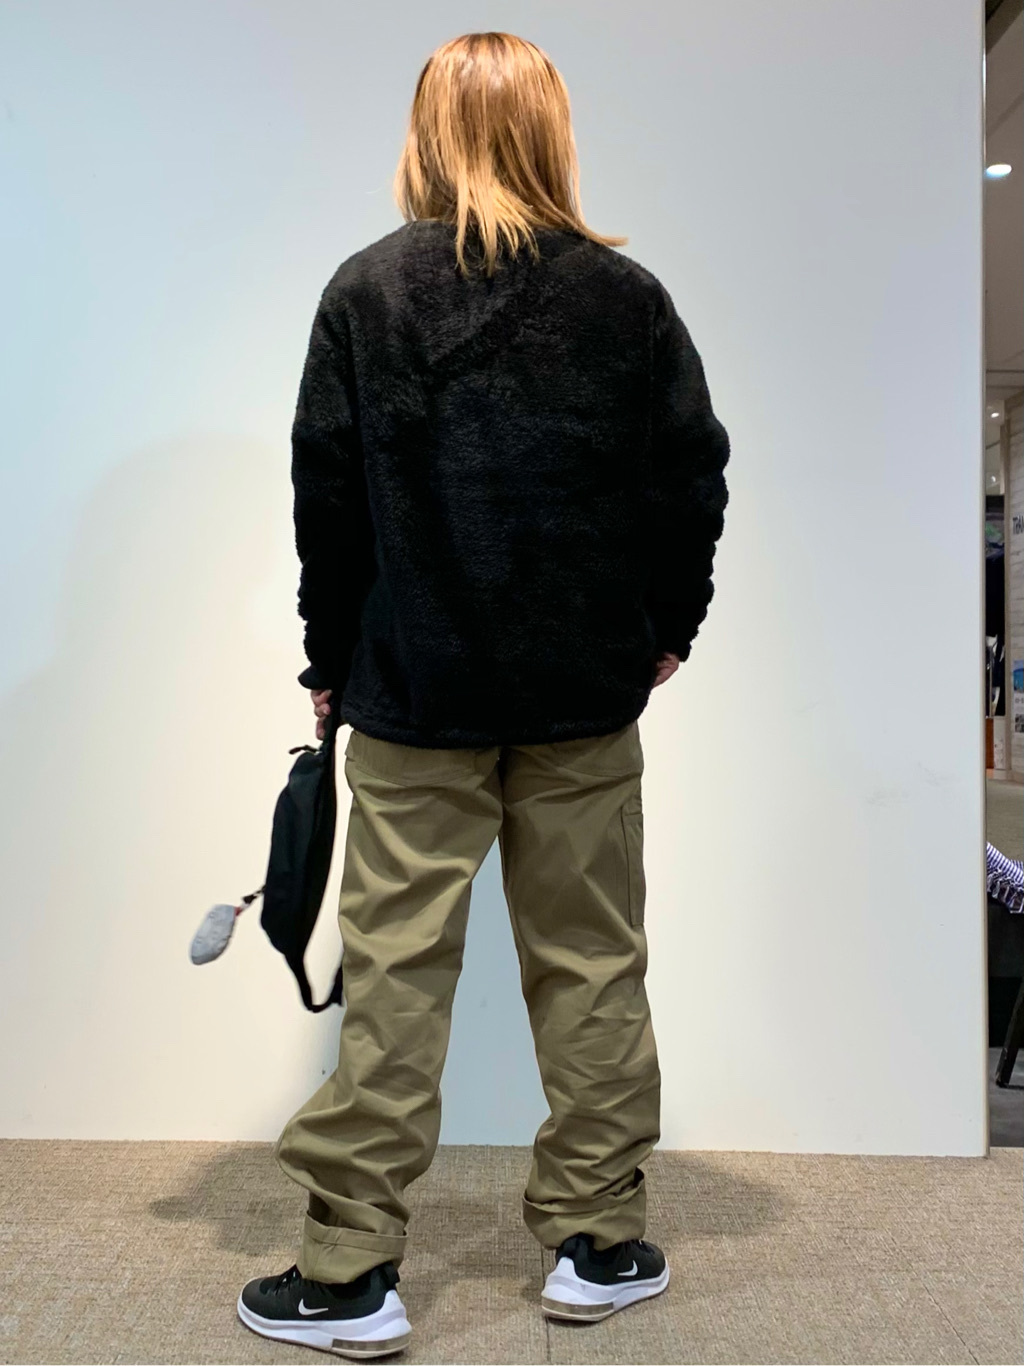 LINKS UMEDA店のYUKIさんのEDWINの【Pre sale】【直営店限定】ペインターパンツを使ったコーディネート